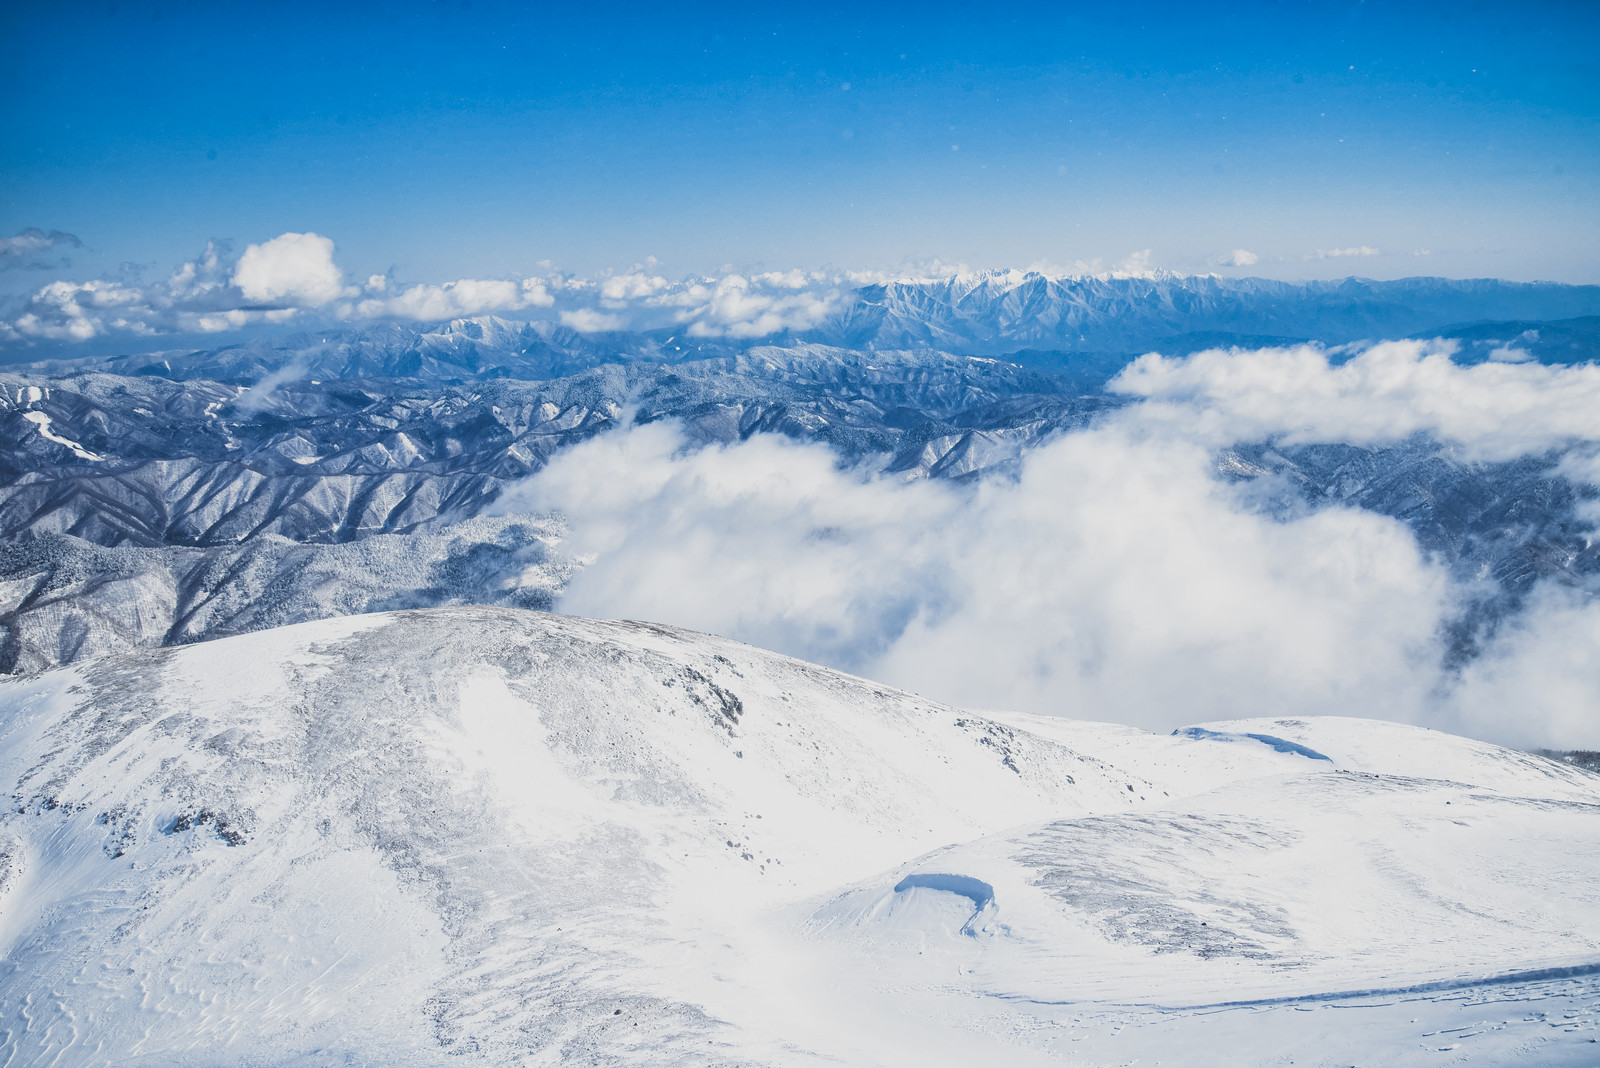 「剣ヶ峰山頂の絶景(高天ヶ原方面)」の写真